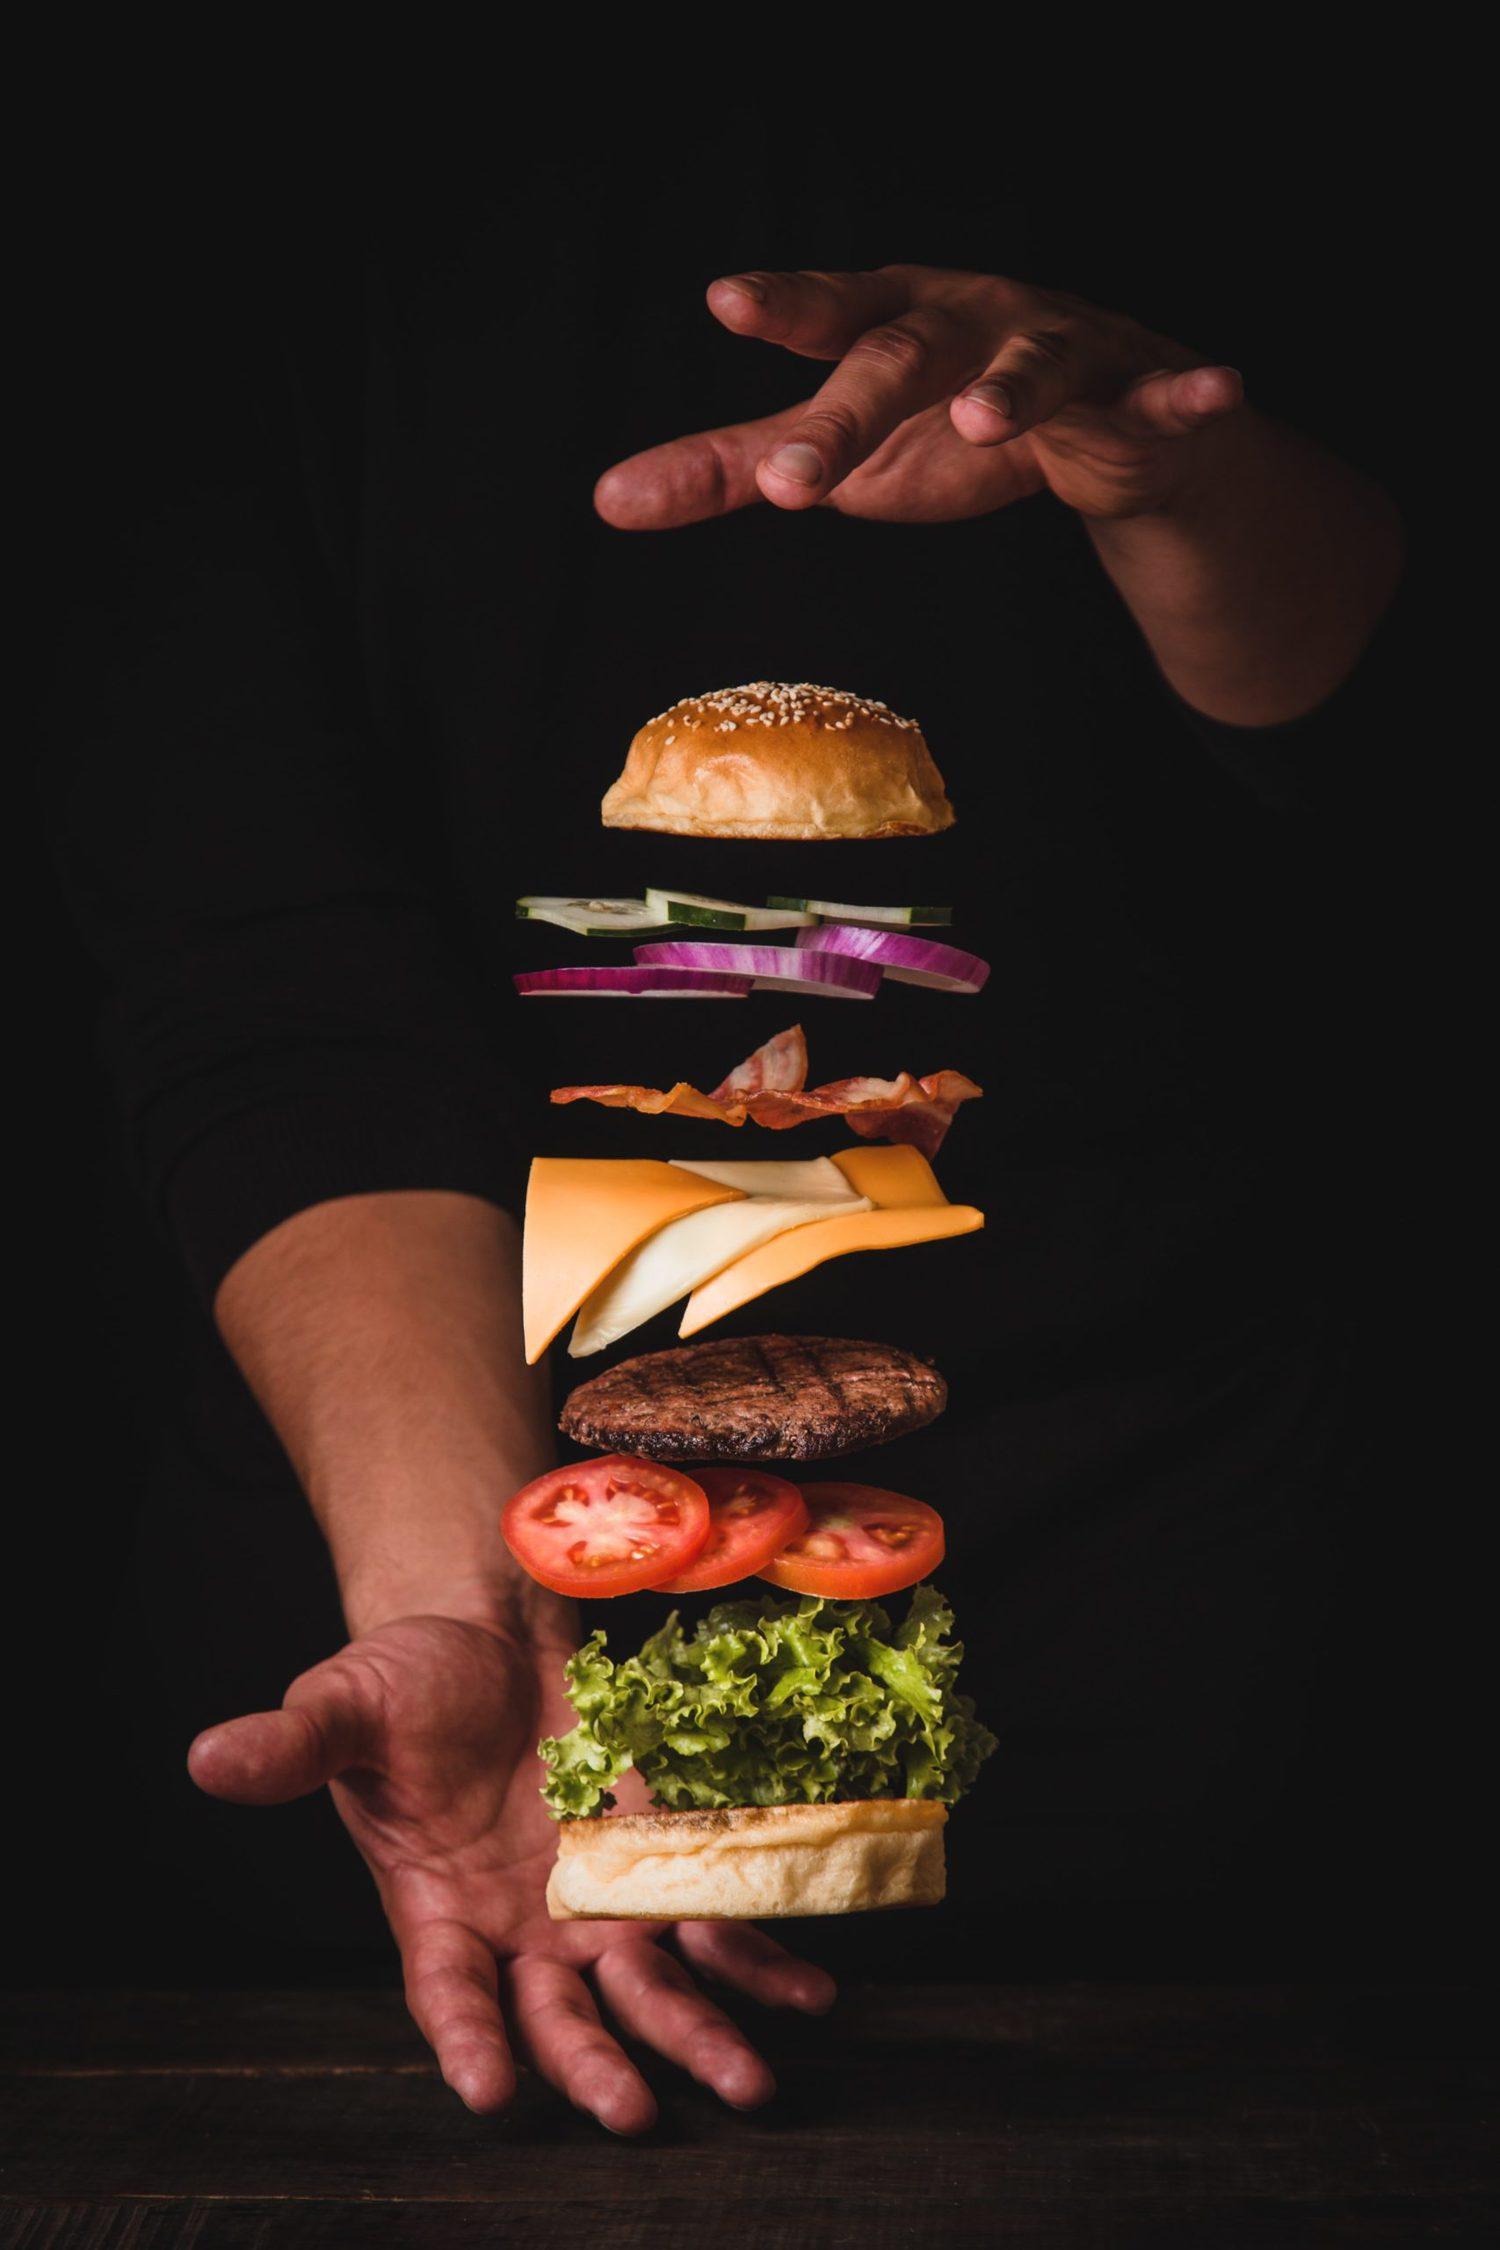 ingredientes de hamburguesa en el aire